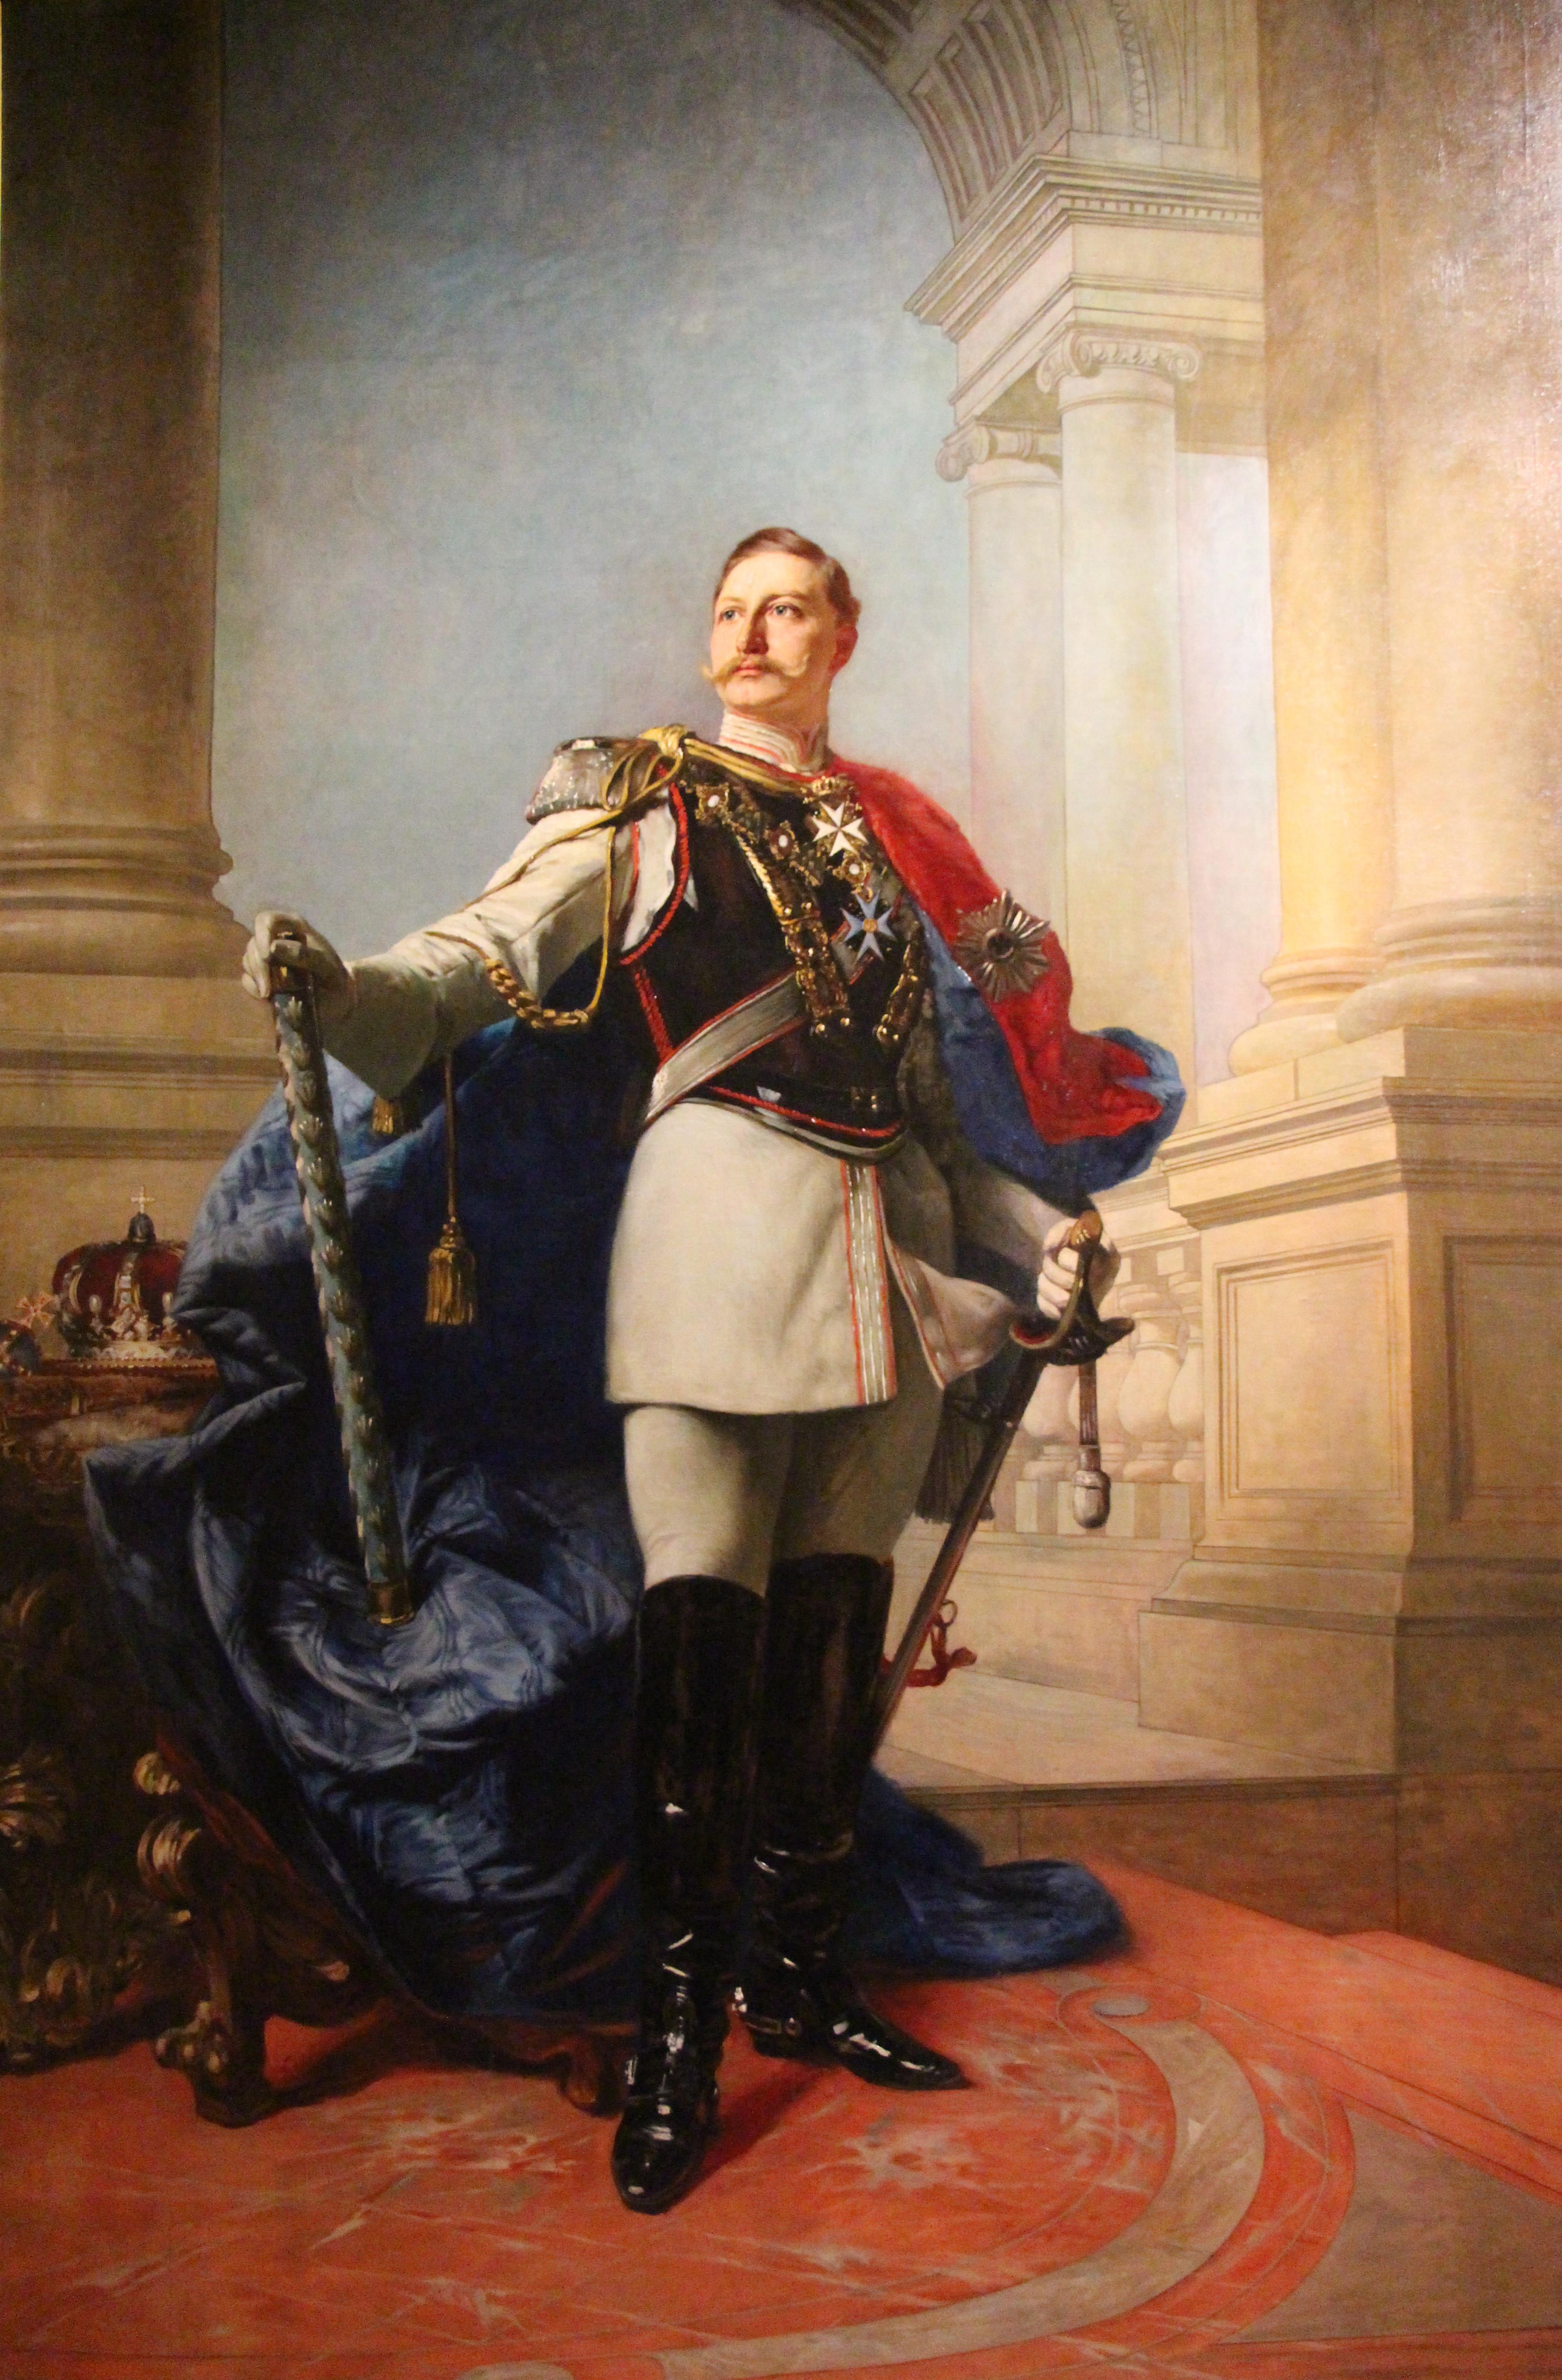 http://upload.wikimedia.org/wikipedia/commons/1/1f/Kohner_-_Kaiser_Wilhelm_II.jpg